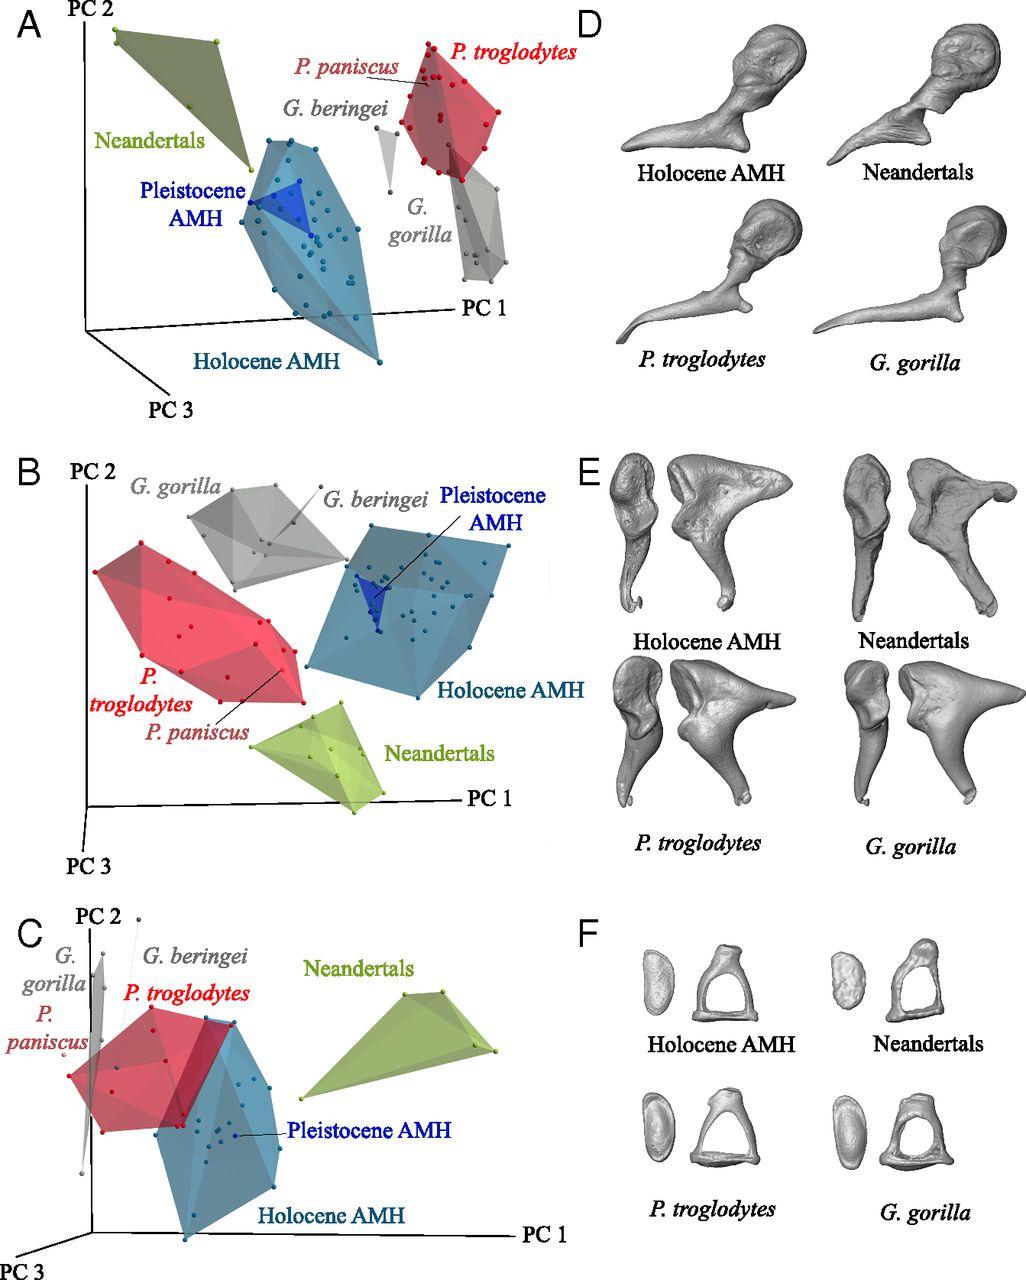 Косточки среднего уха неандертальцев (Neandertals) всравнении ссовременным человеком (Holocene AMH), шимпанзе (<i>P. troglodytes</i>) игориллой (<i>G. gorilla</i>). Вверху: A,D— молоточек. B,E— наковальня. С, F— стремечко. Иллюстрация из обсуждаемой статьи.